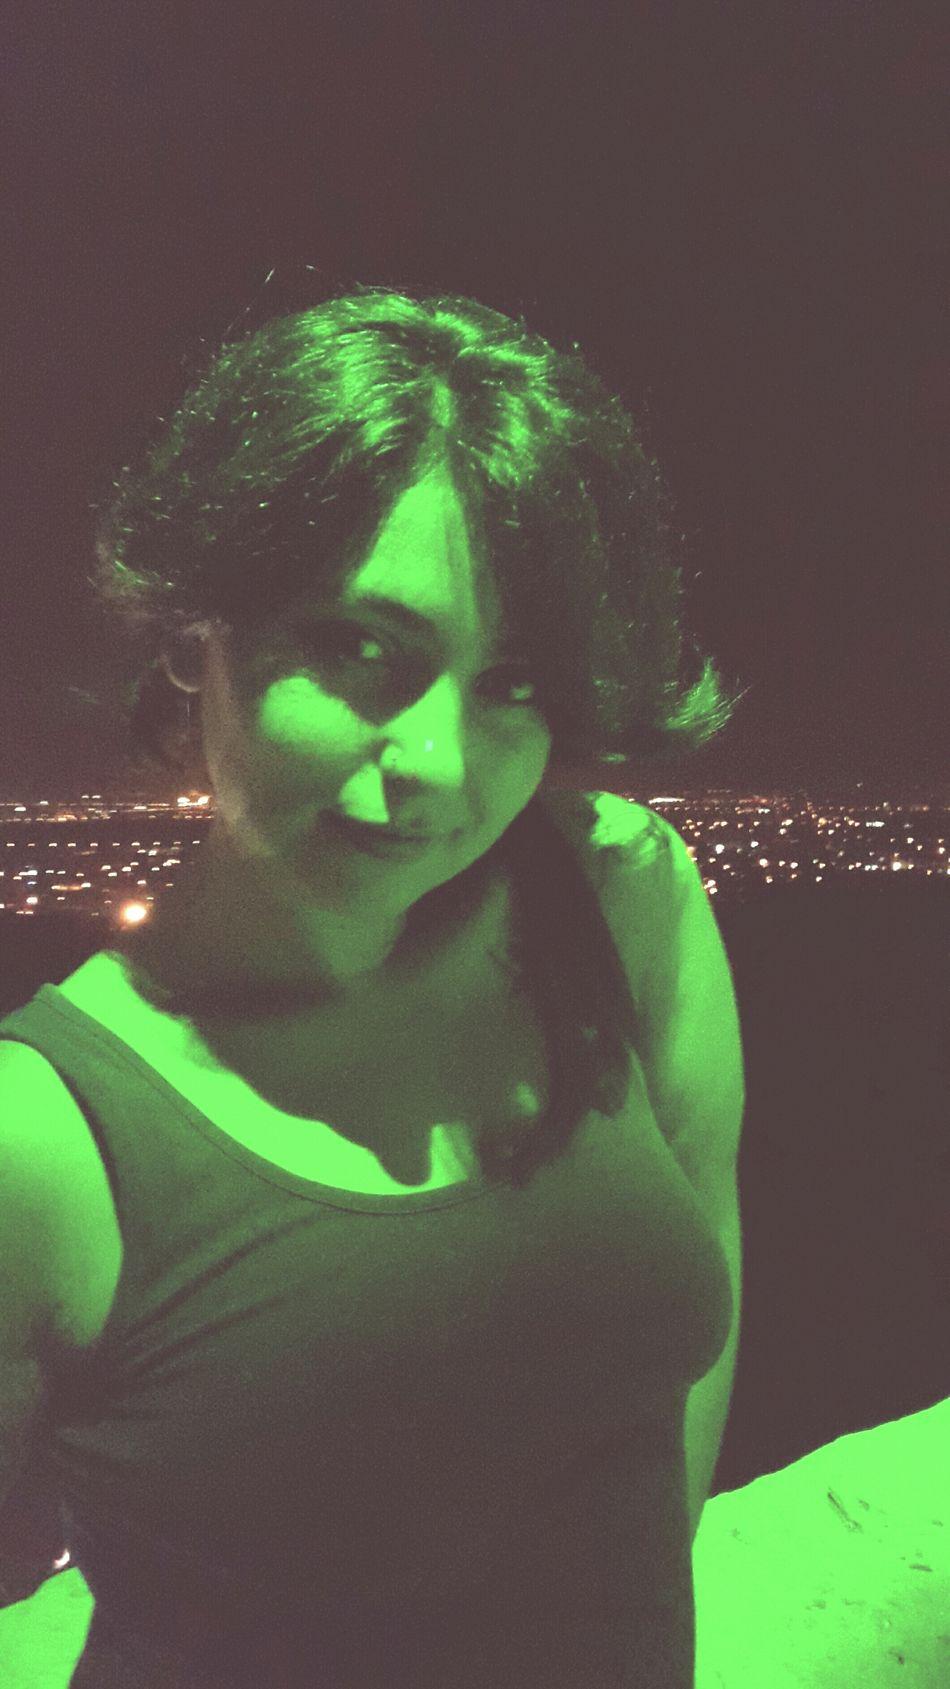 Antalya Siirsokakta Siirheryerde Siirinibiraktim #şair #şiirkokusu #şiiraşkı #poem #poetry #poet #şiirsokakta #şiir Seyirterasi Gece Sehir Ayaklarımın Altinda